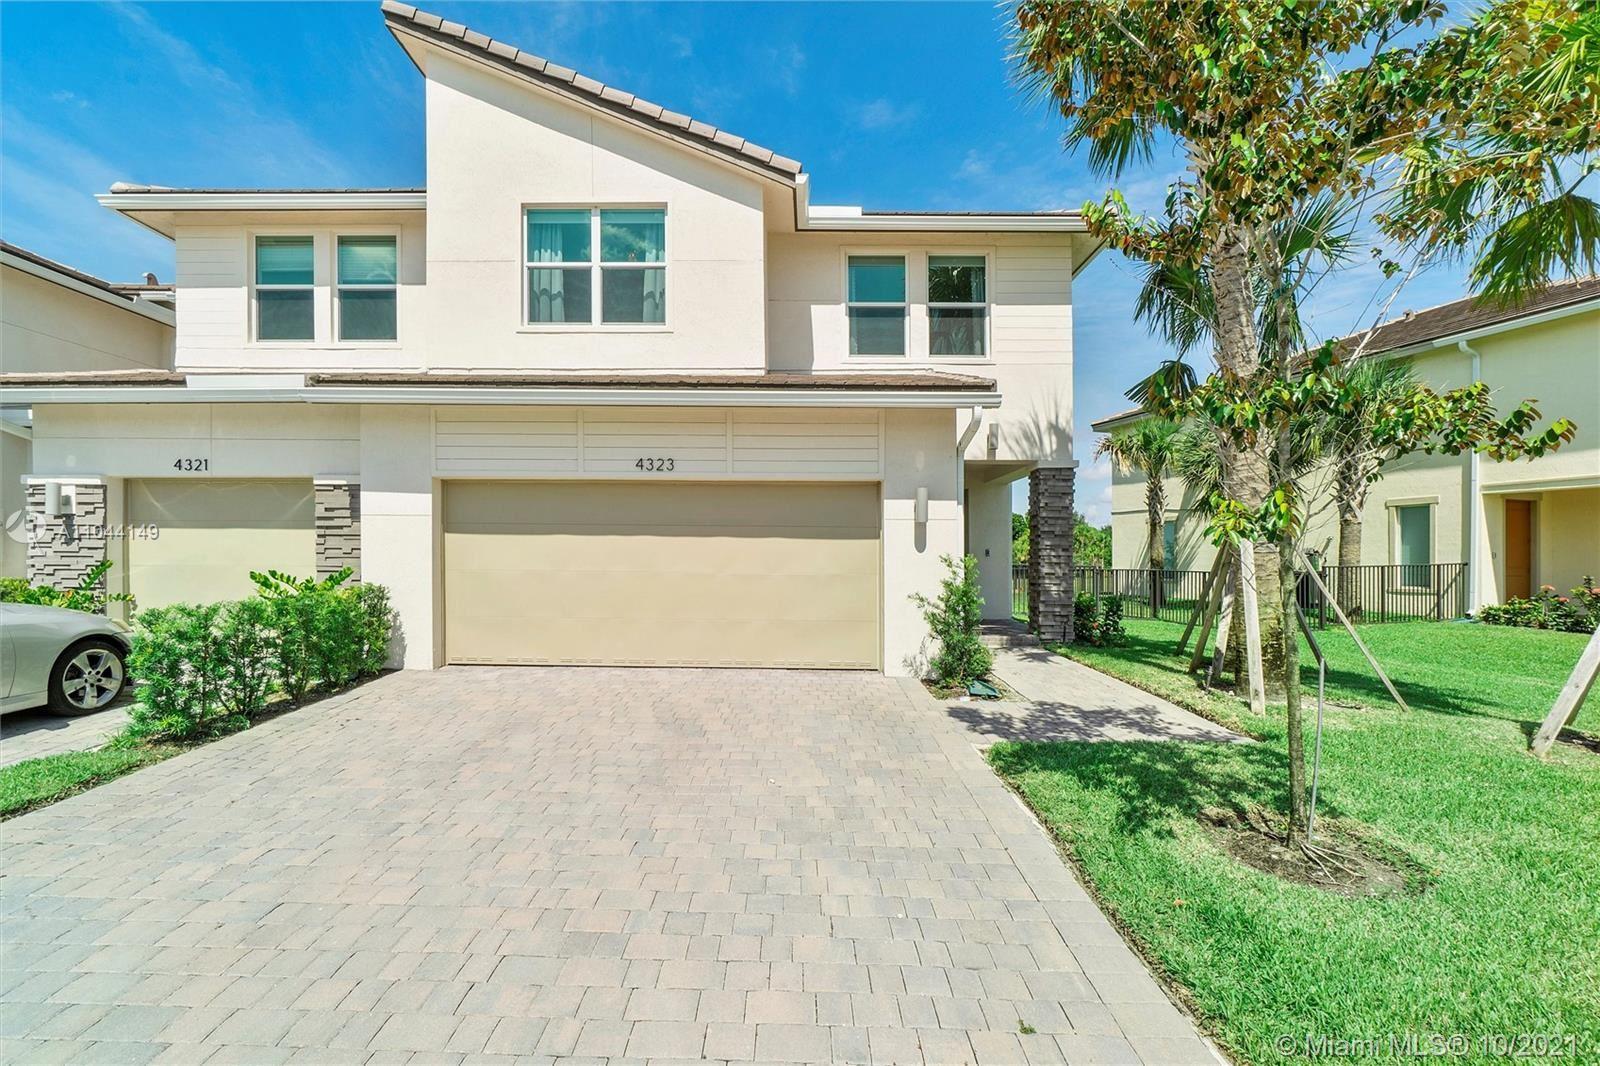 4323 Lago Dr #4323, Deerfield Beach, FL 33064 - #: A11044149